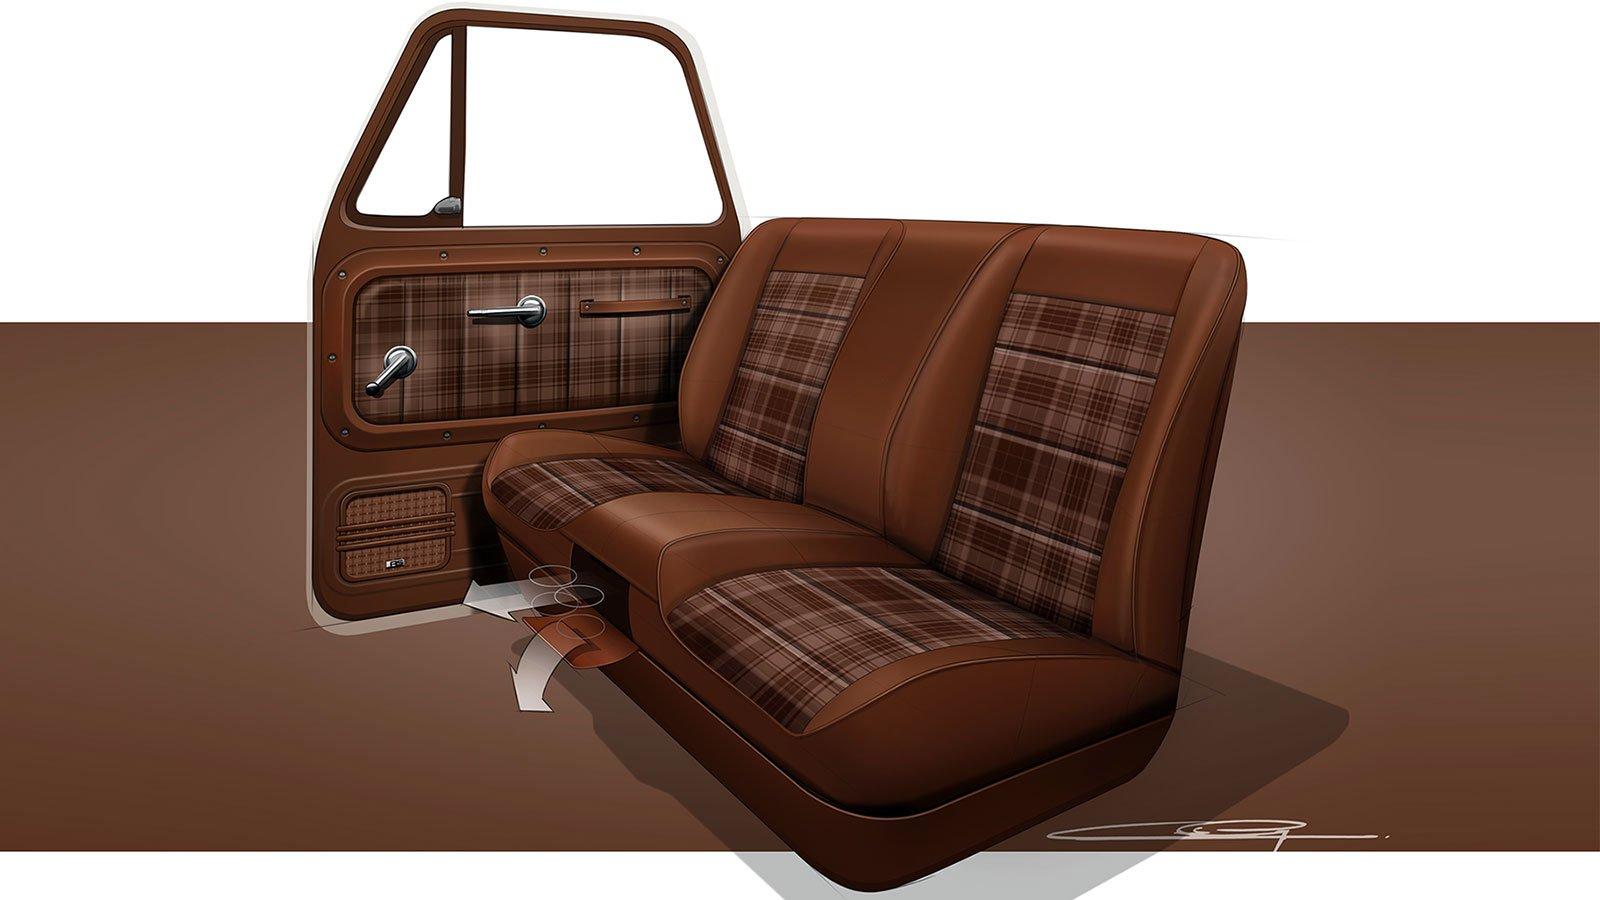 interior-door-seat-concept